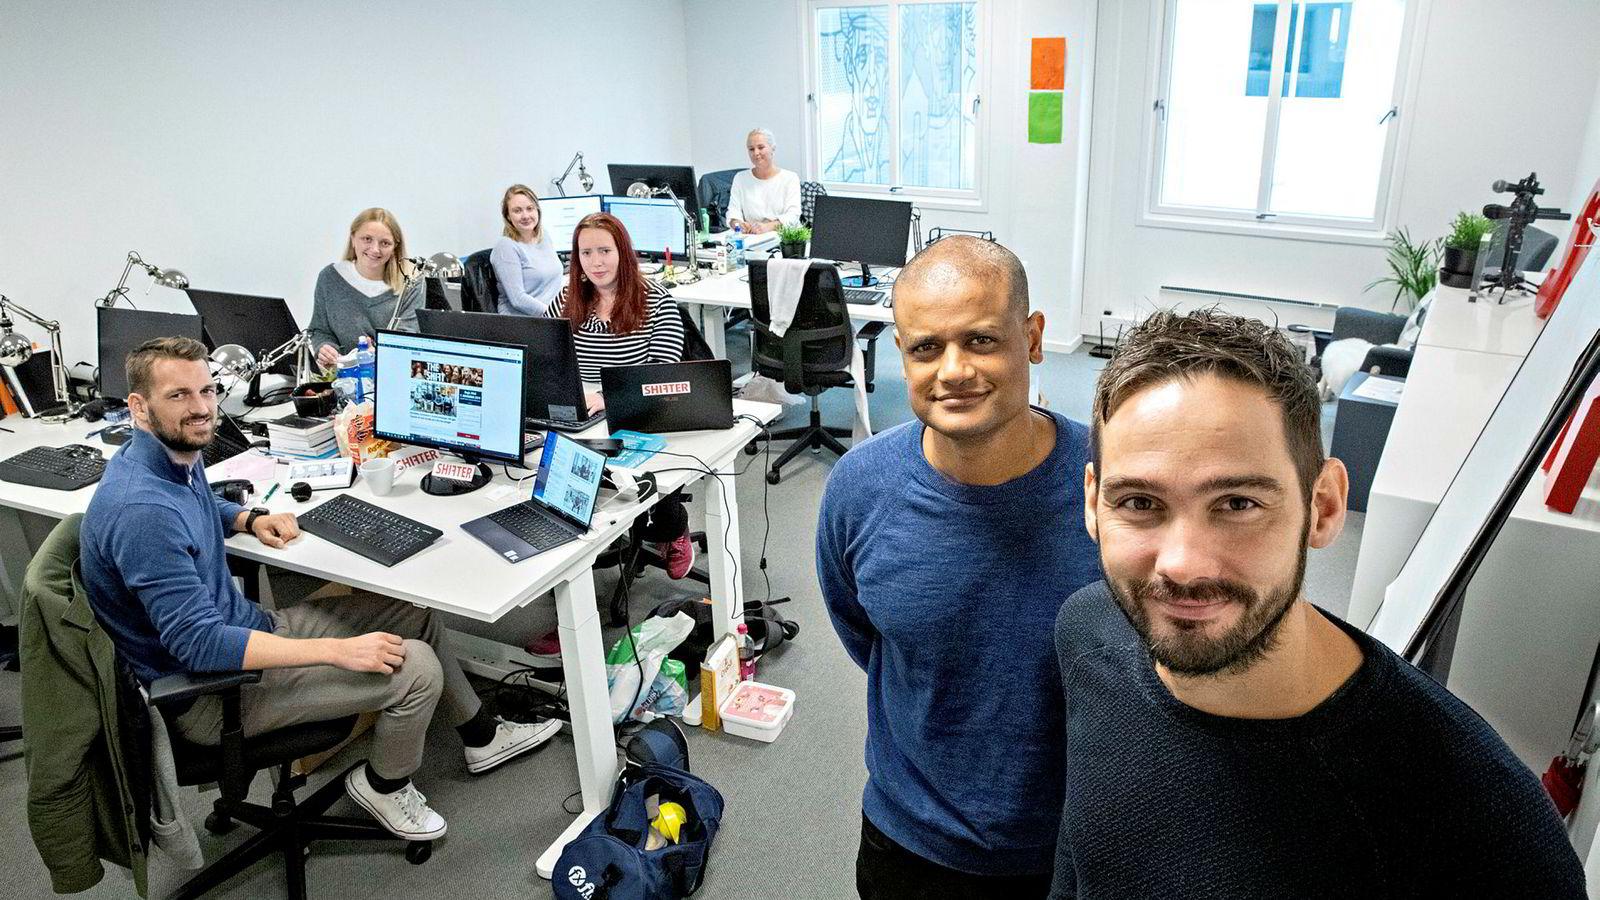 Fra å være kun gründerne Per-Ivar Nikolaisen (til høyre) og Lucas H. Weldeghebriel (foran) har Shifter nå syv ansatte. Fra venstre: Magnus Peter Harnes, Vilde Mebust Erichsen, Kine Ellingsen, Torill Henriksen og Aslaug Ingeborgrud Syvertsen.